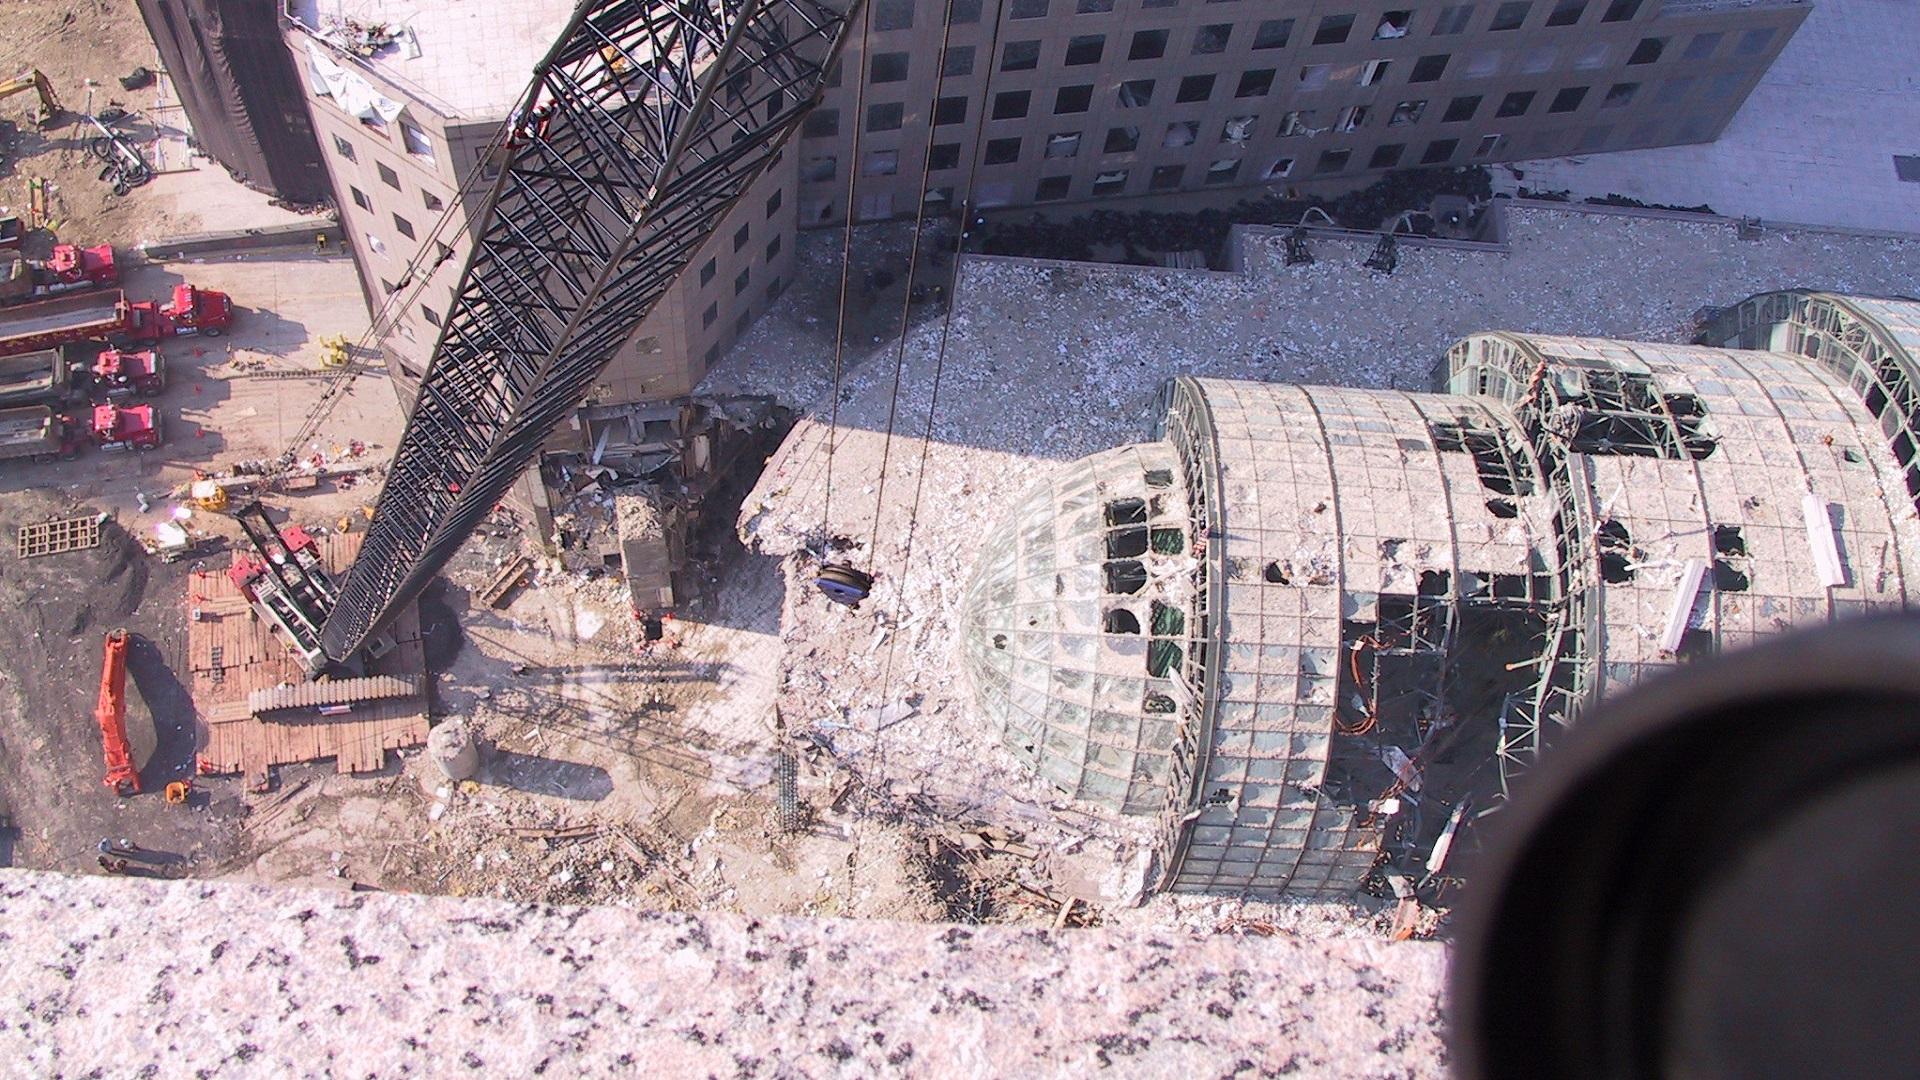 Las fotos nunca vistas del ataque a las Torres Gemelas